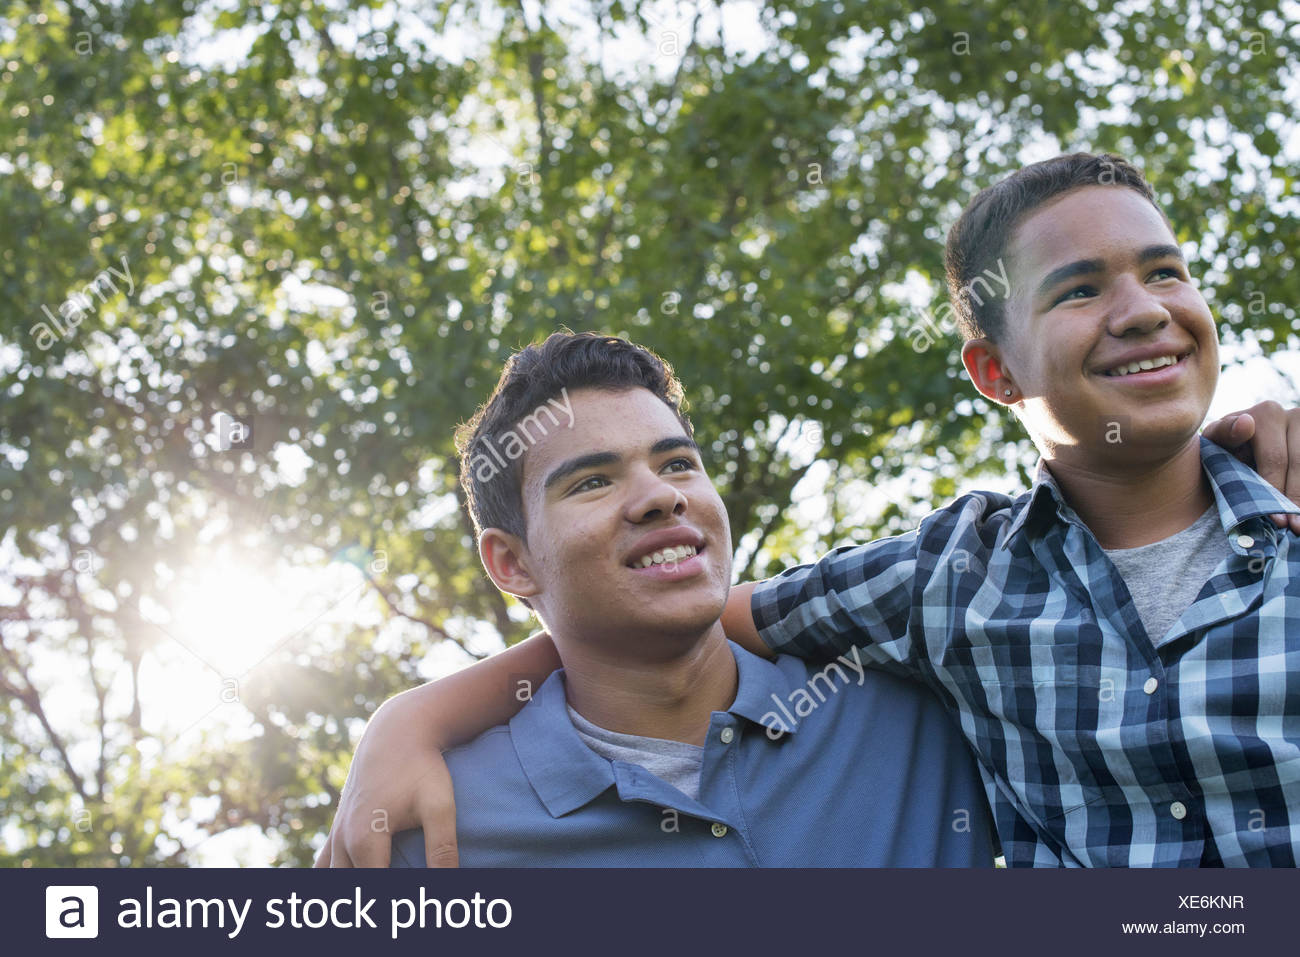 Dos jóvenes afuera, uno con su brazo alrededor de los hombros de los otros Imagen De Stock